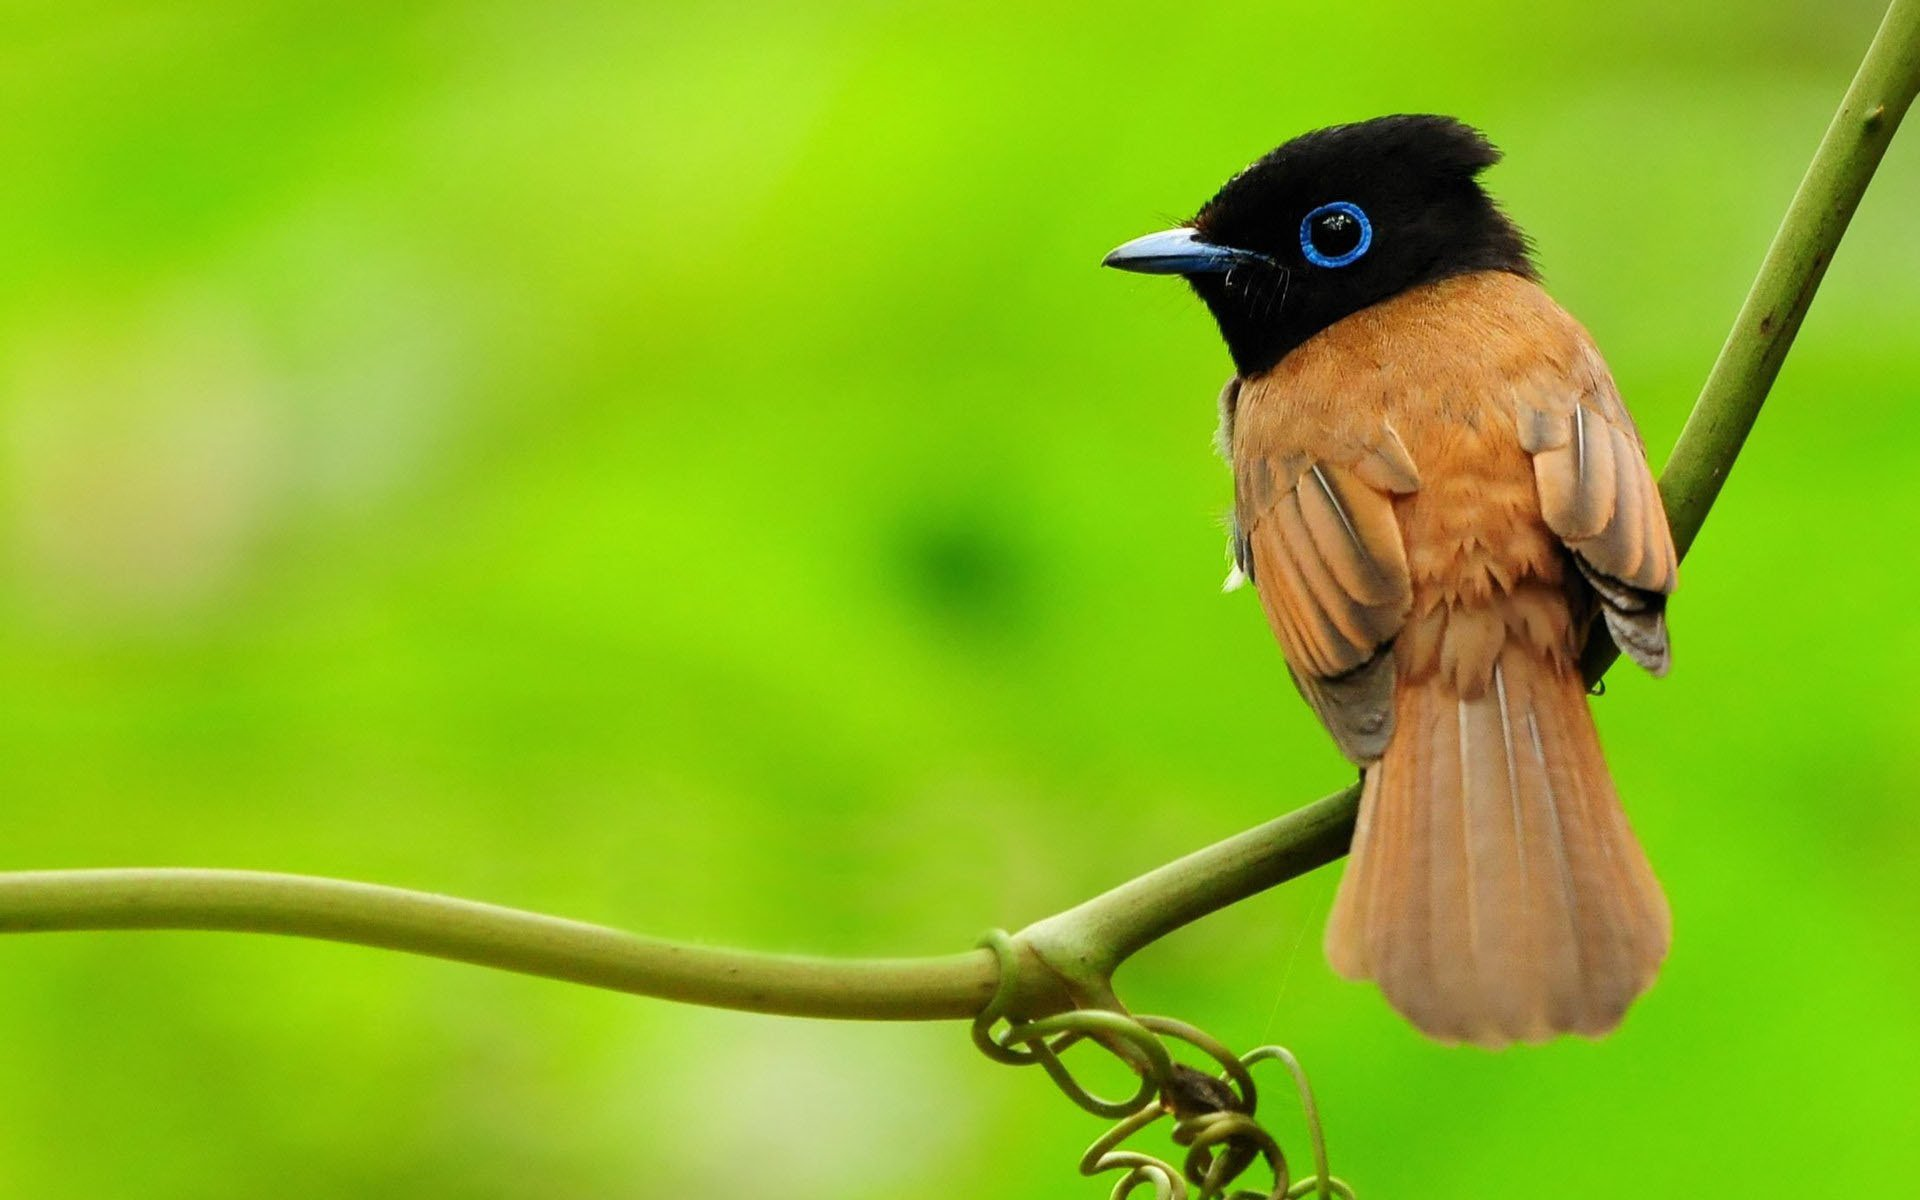 птичка ветка зелень bird branch greens загрузить